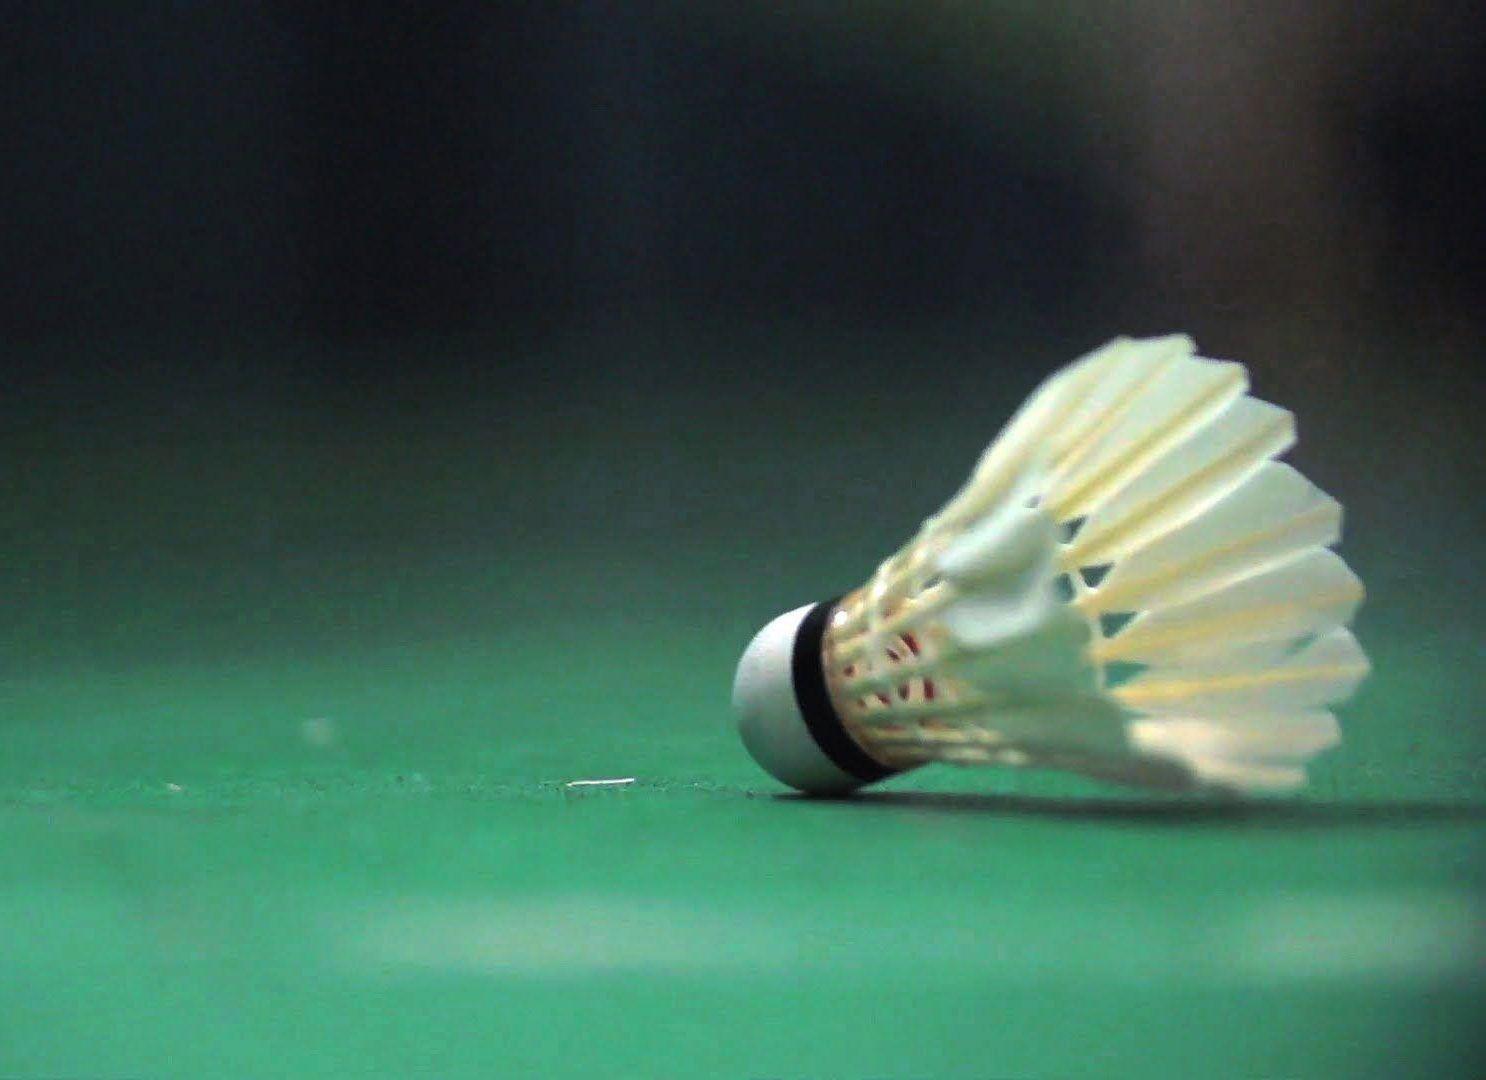 Afbeelding voor categorie Badminton Pluimpjes (Shuttles)